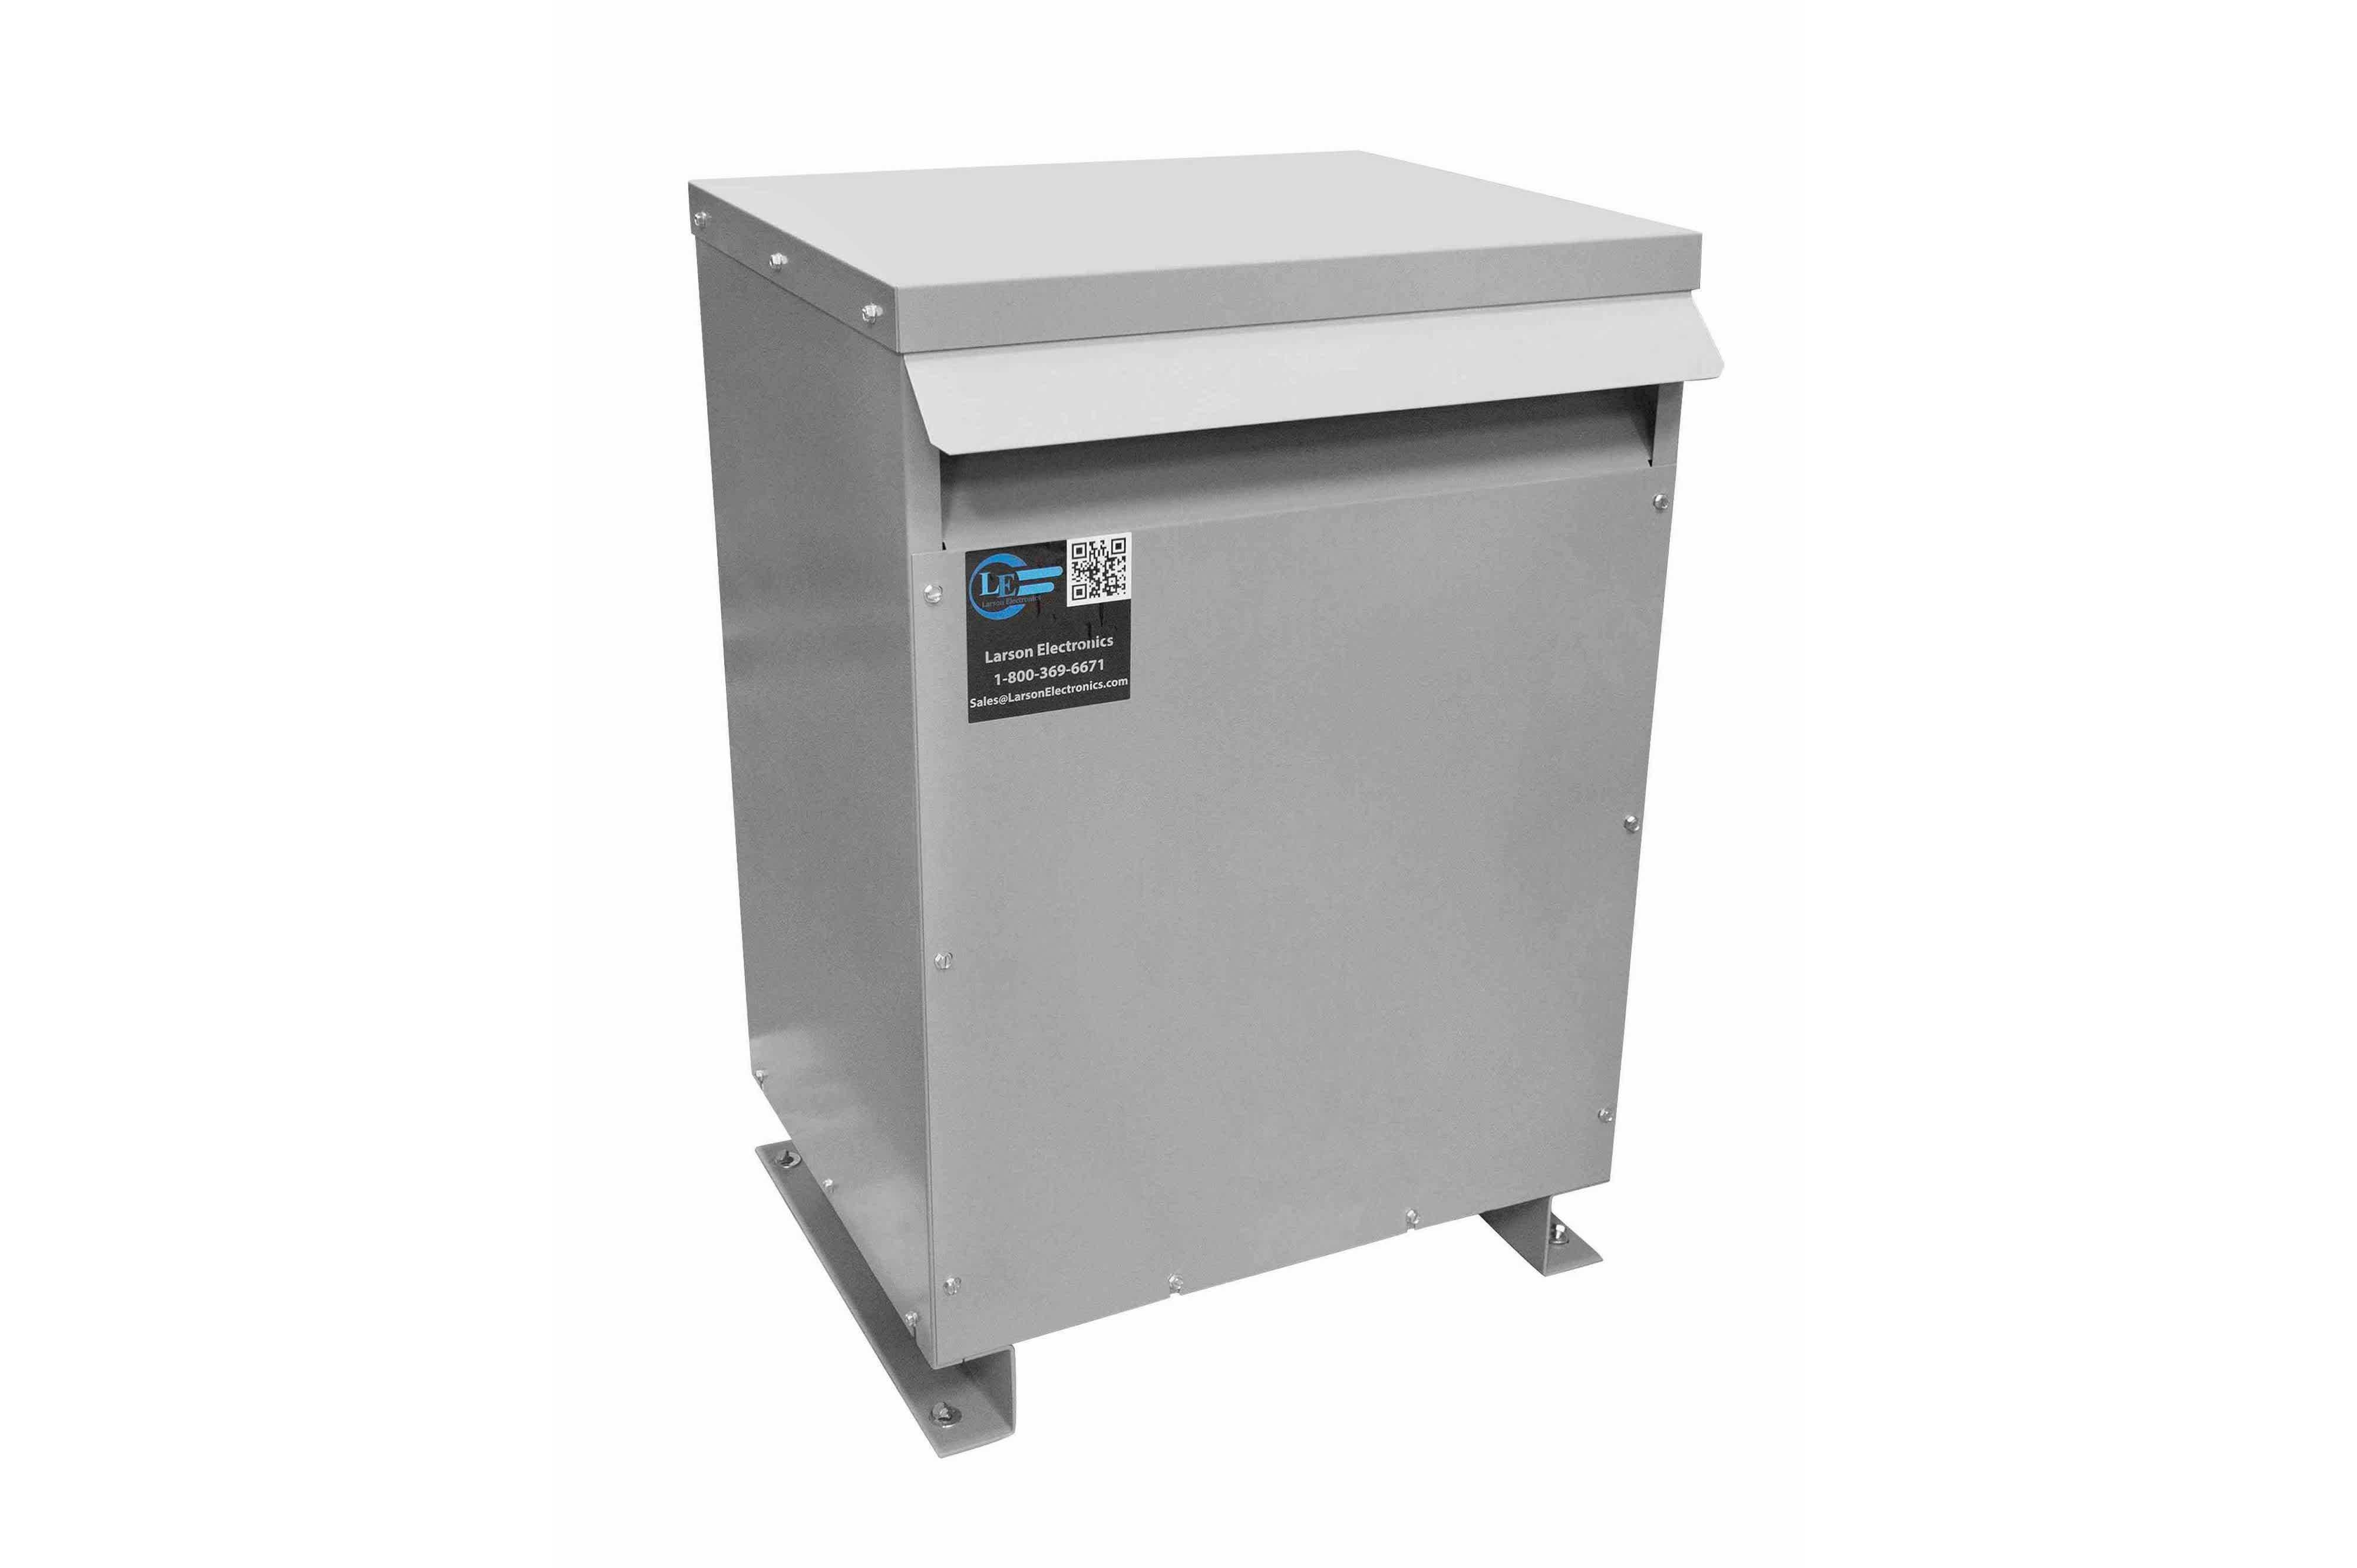 150 kVA 3PH DOE Transformer, 440V Delta Primary, 240V/120 Delta Secondary, N3R, Ventilated, 60 Hz